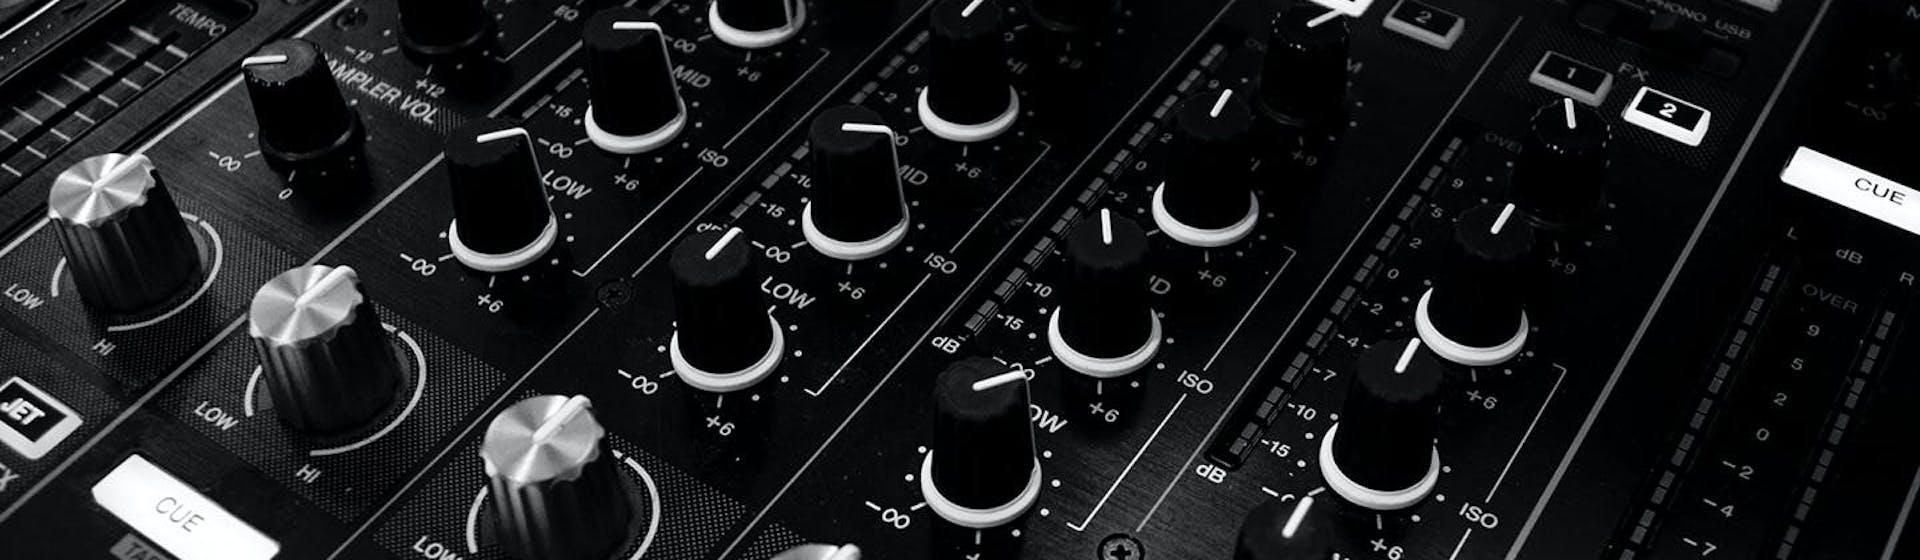 Trucos de postproducción: cómo ecualizar el sonido de tus videos